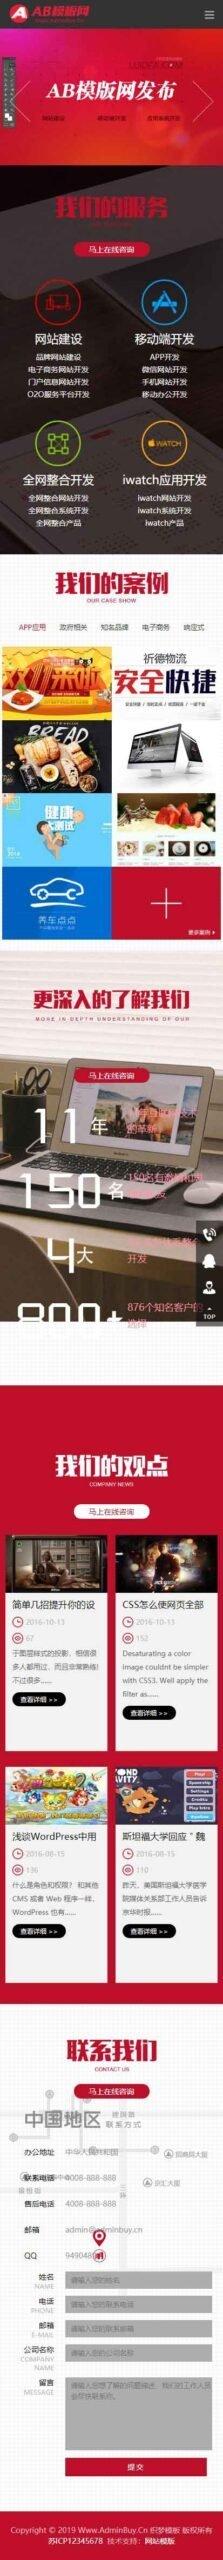 织梦网络公司模板dedecmsIT网络工作室自适应手机端模板源码